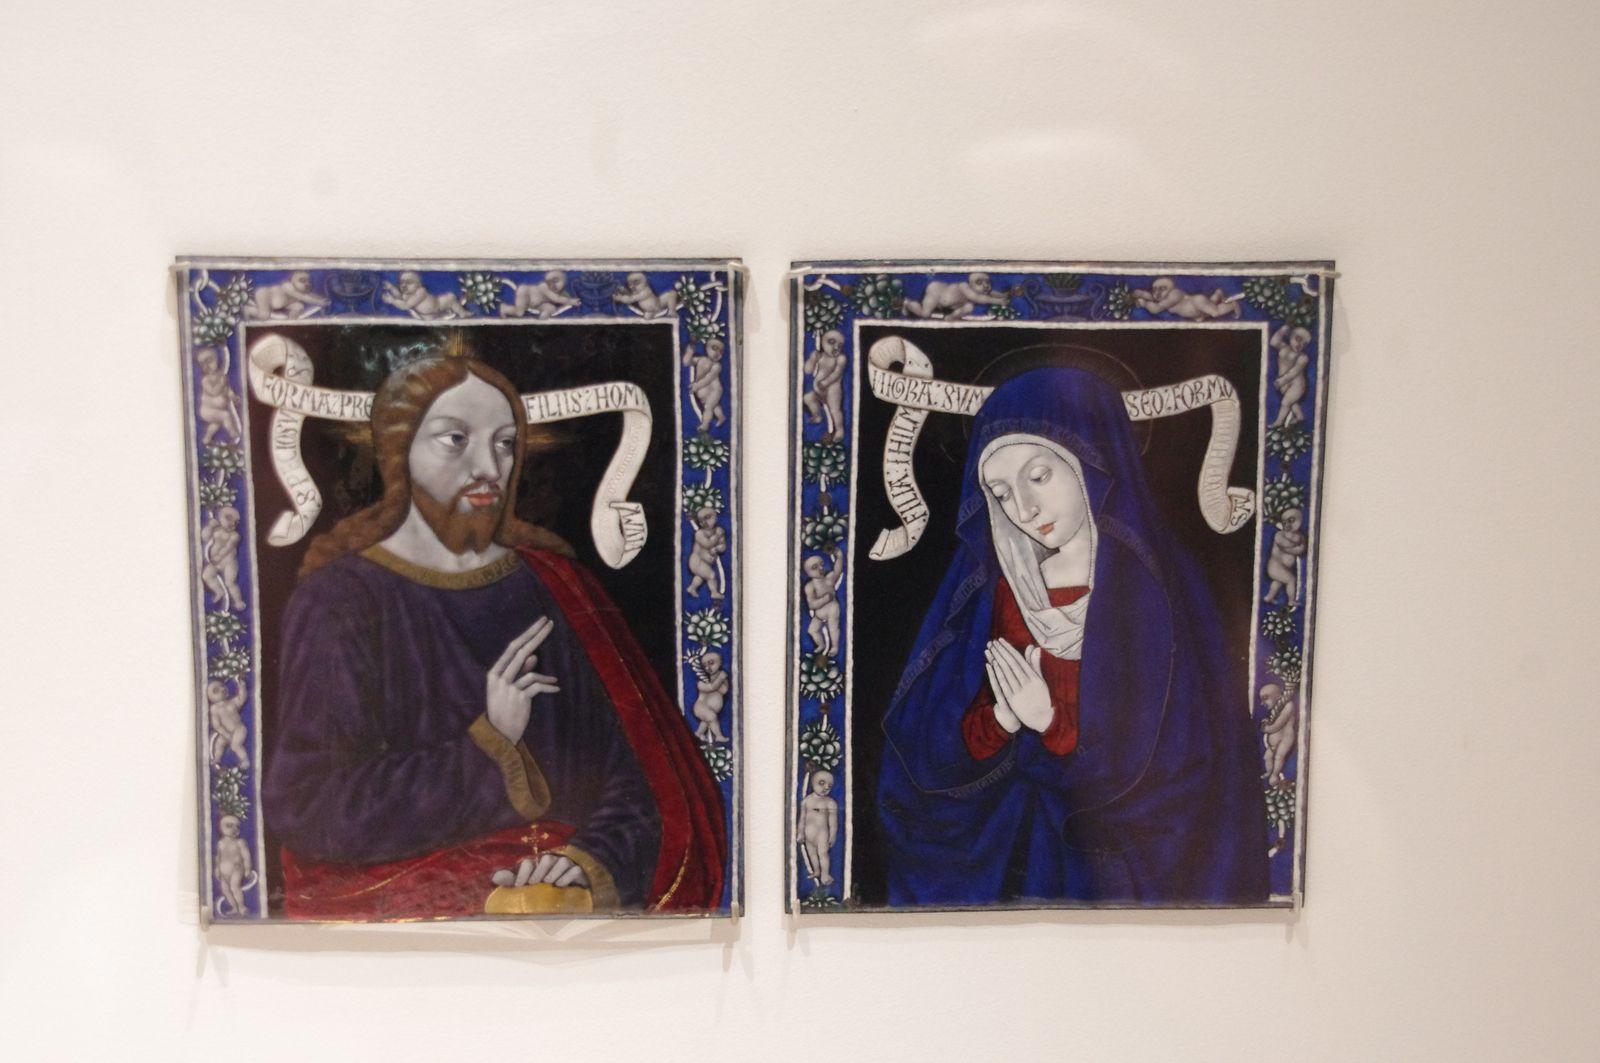 Regard sur la vie quotidienne au Moyen Âge au Musée National du Moyen Âge - Cluny à découvrir jusqu'au 28 juin 2020